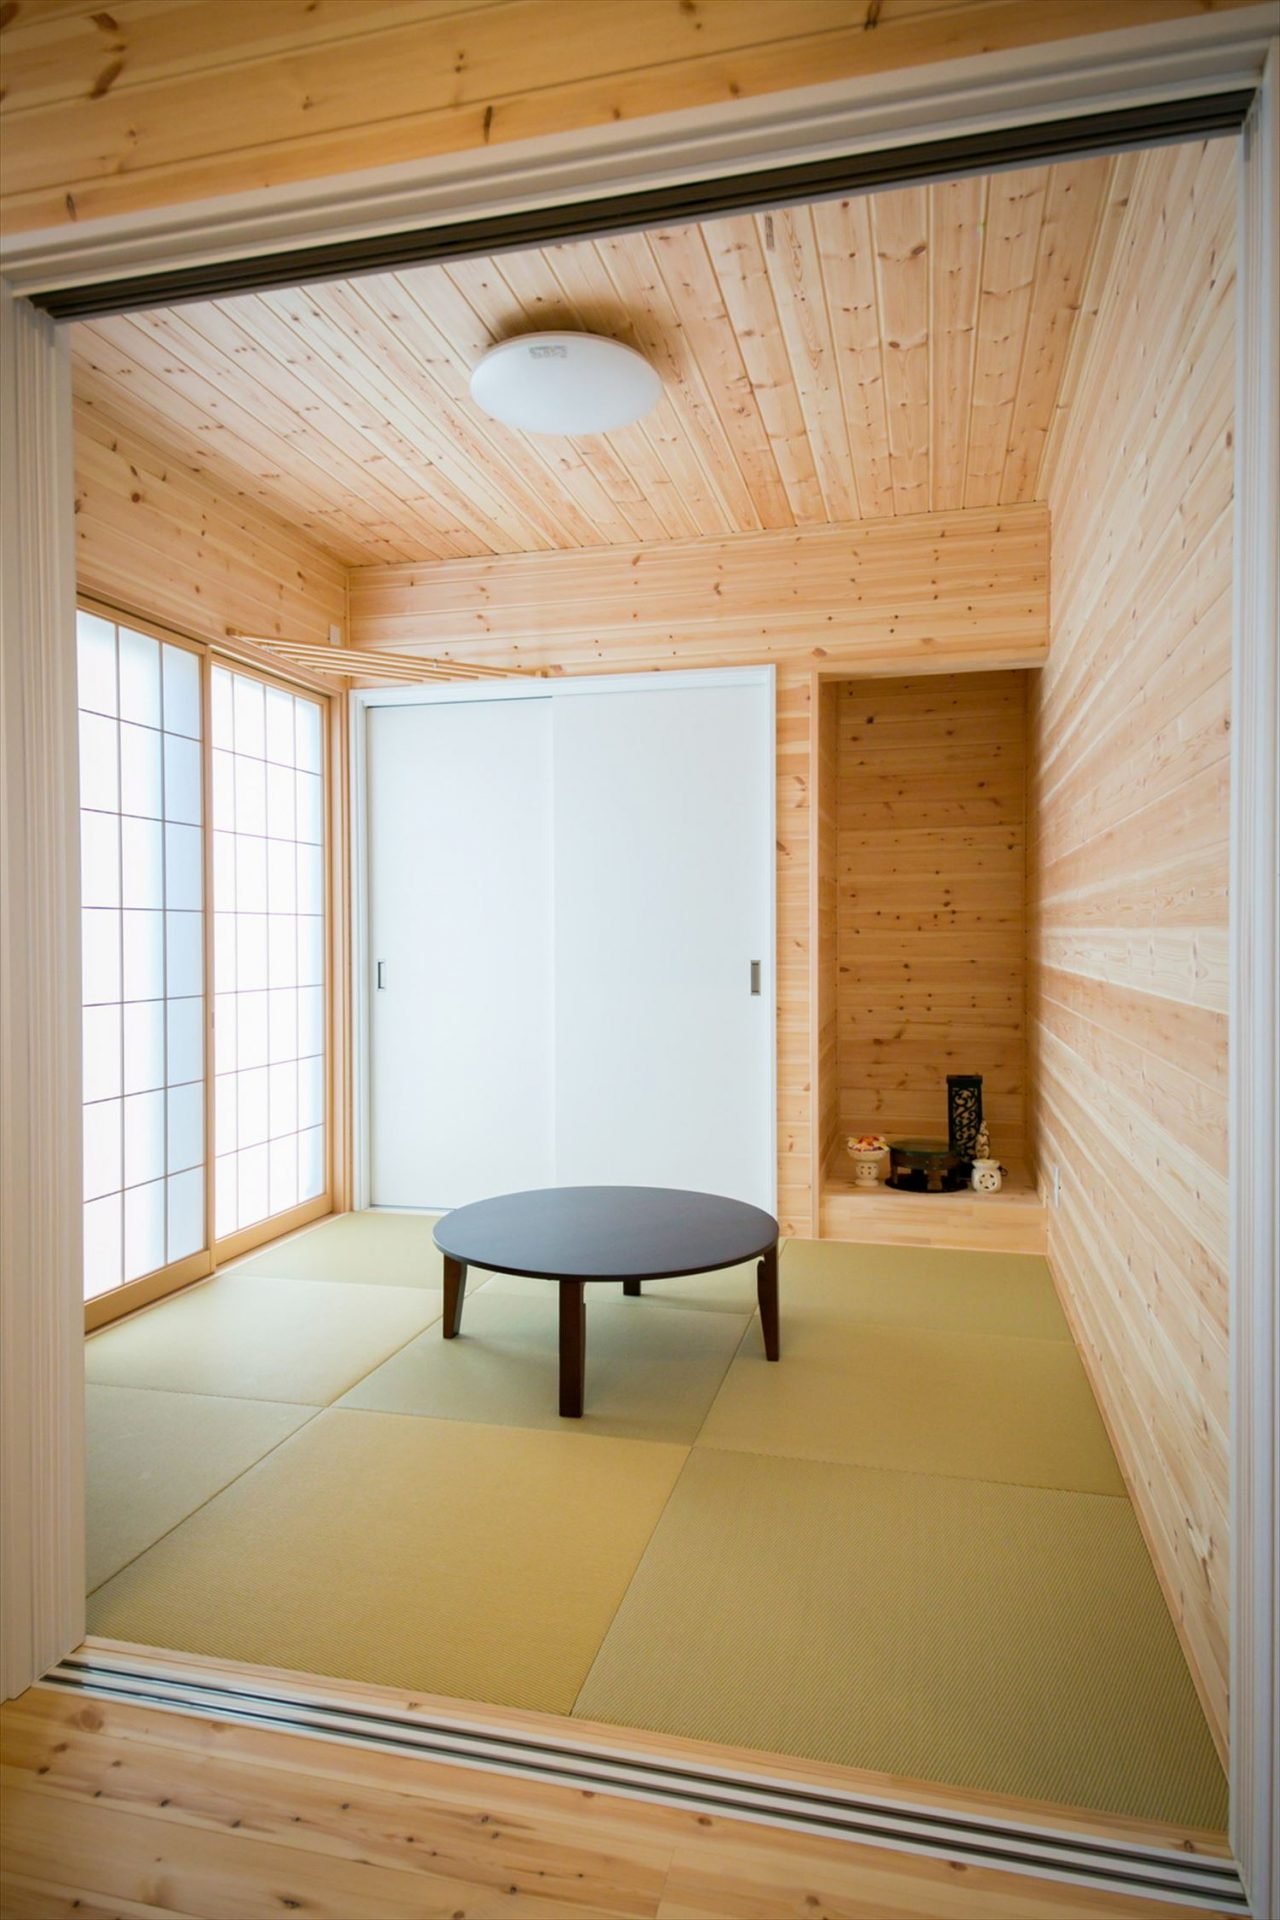 畳コーナー|ログハウスのような木の家を低価格で建てるならエイ・ワン